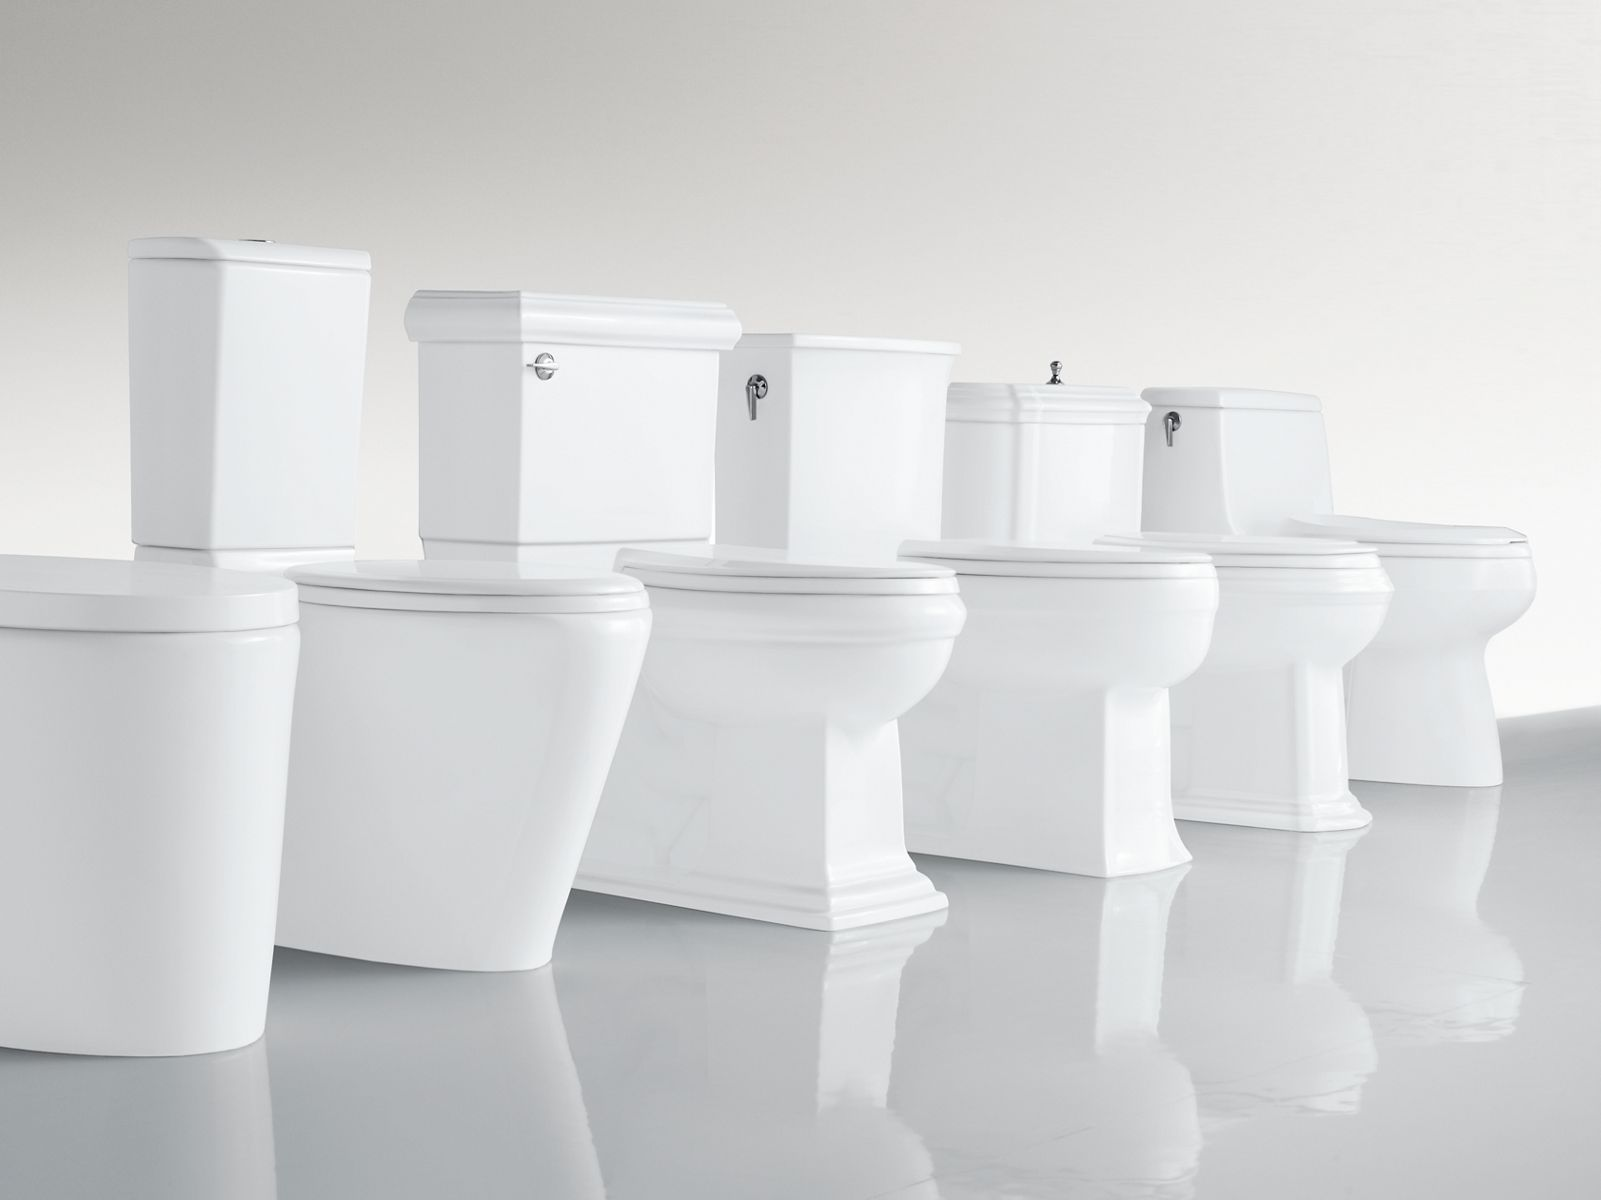 Stupendous Toilet Flushing Performance Kohler Gamerscity Chair Design For Home Gamerscityorg